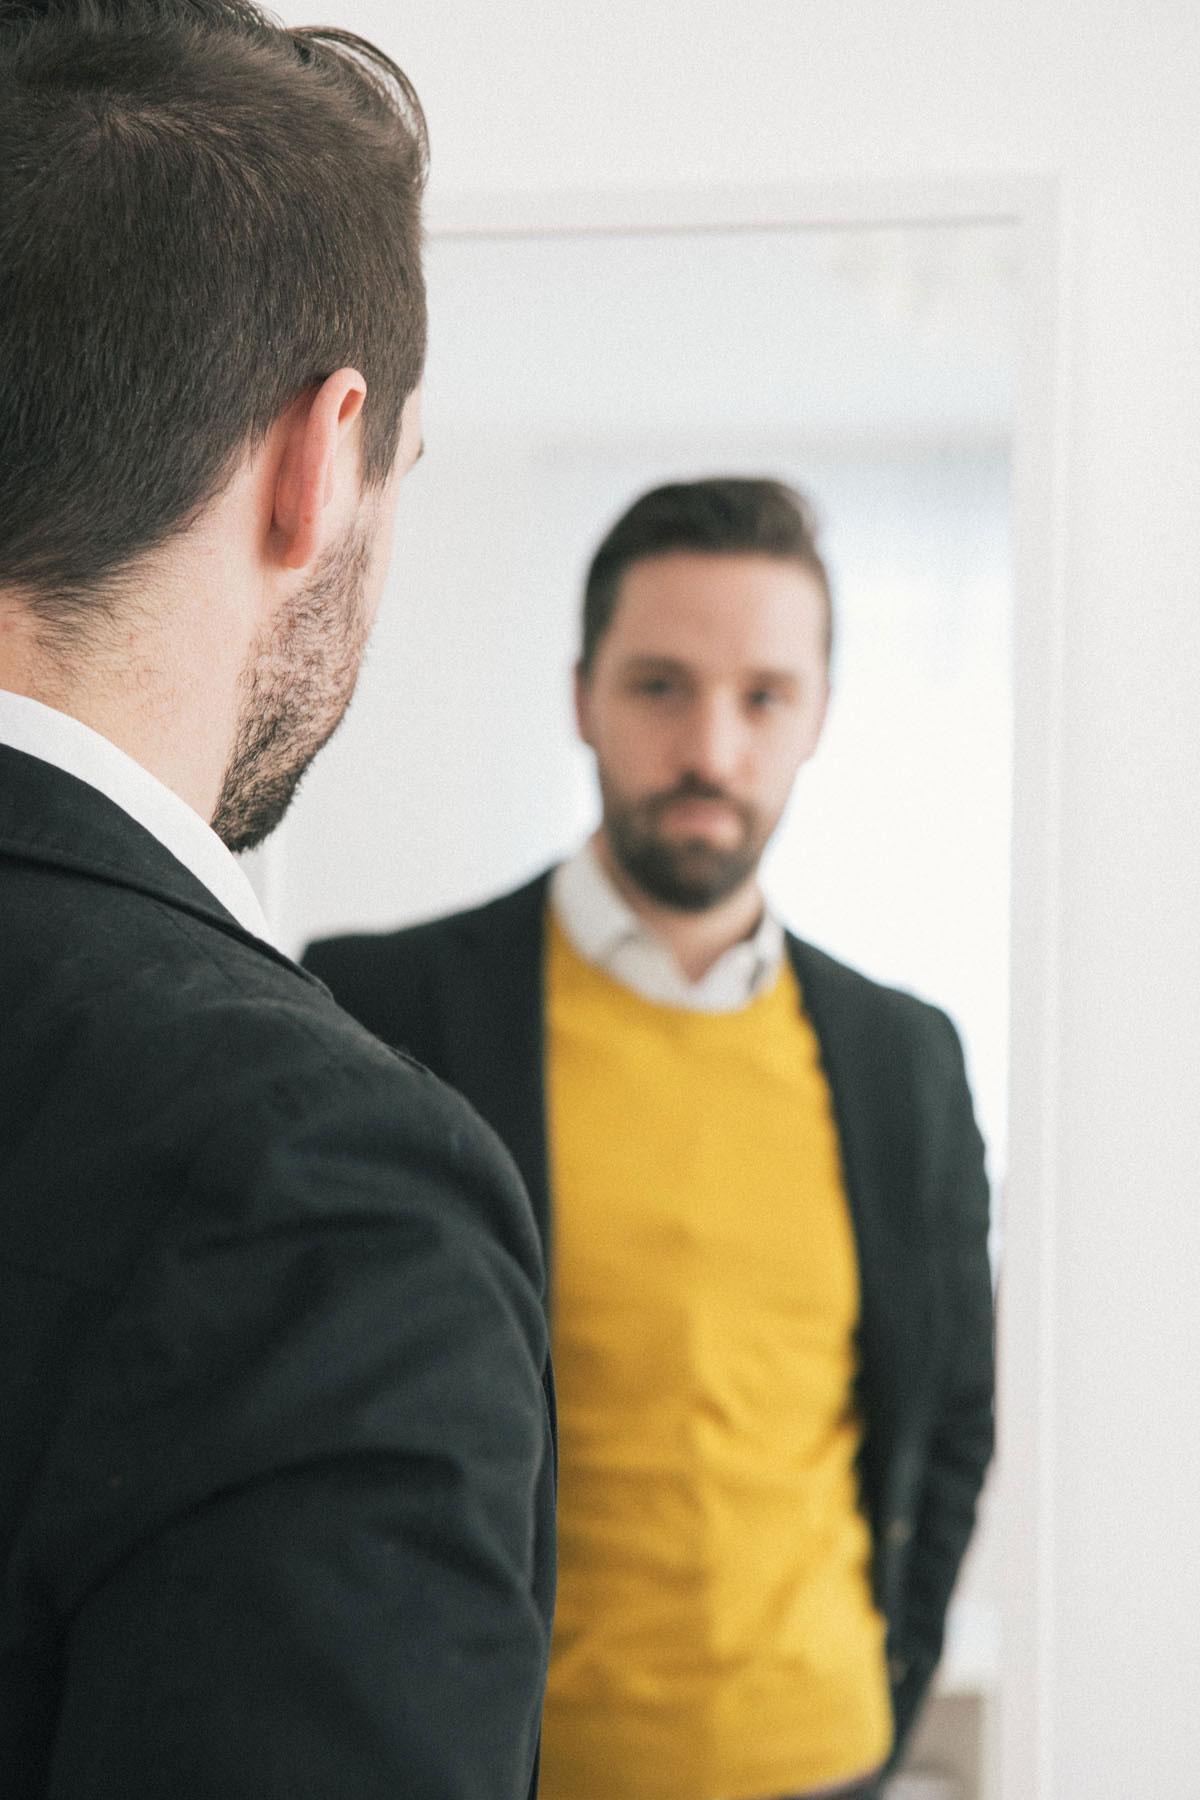 Dein Spiegel lügt. Die Wahrheit über Selbstwahrnehmung.